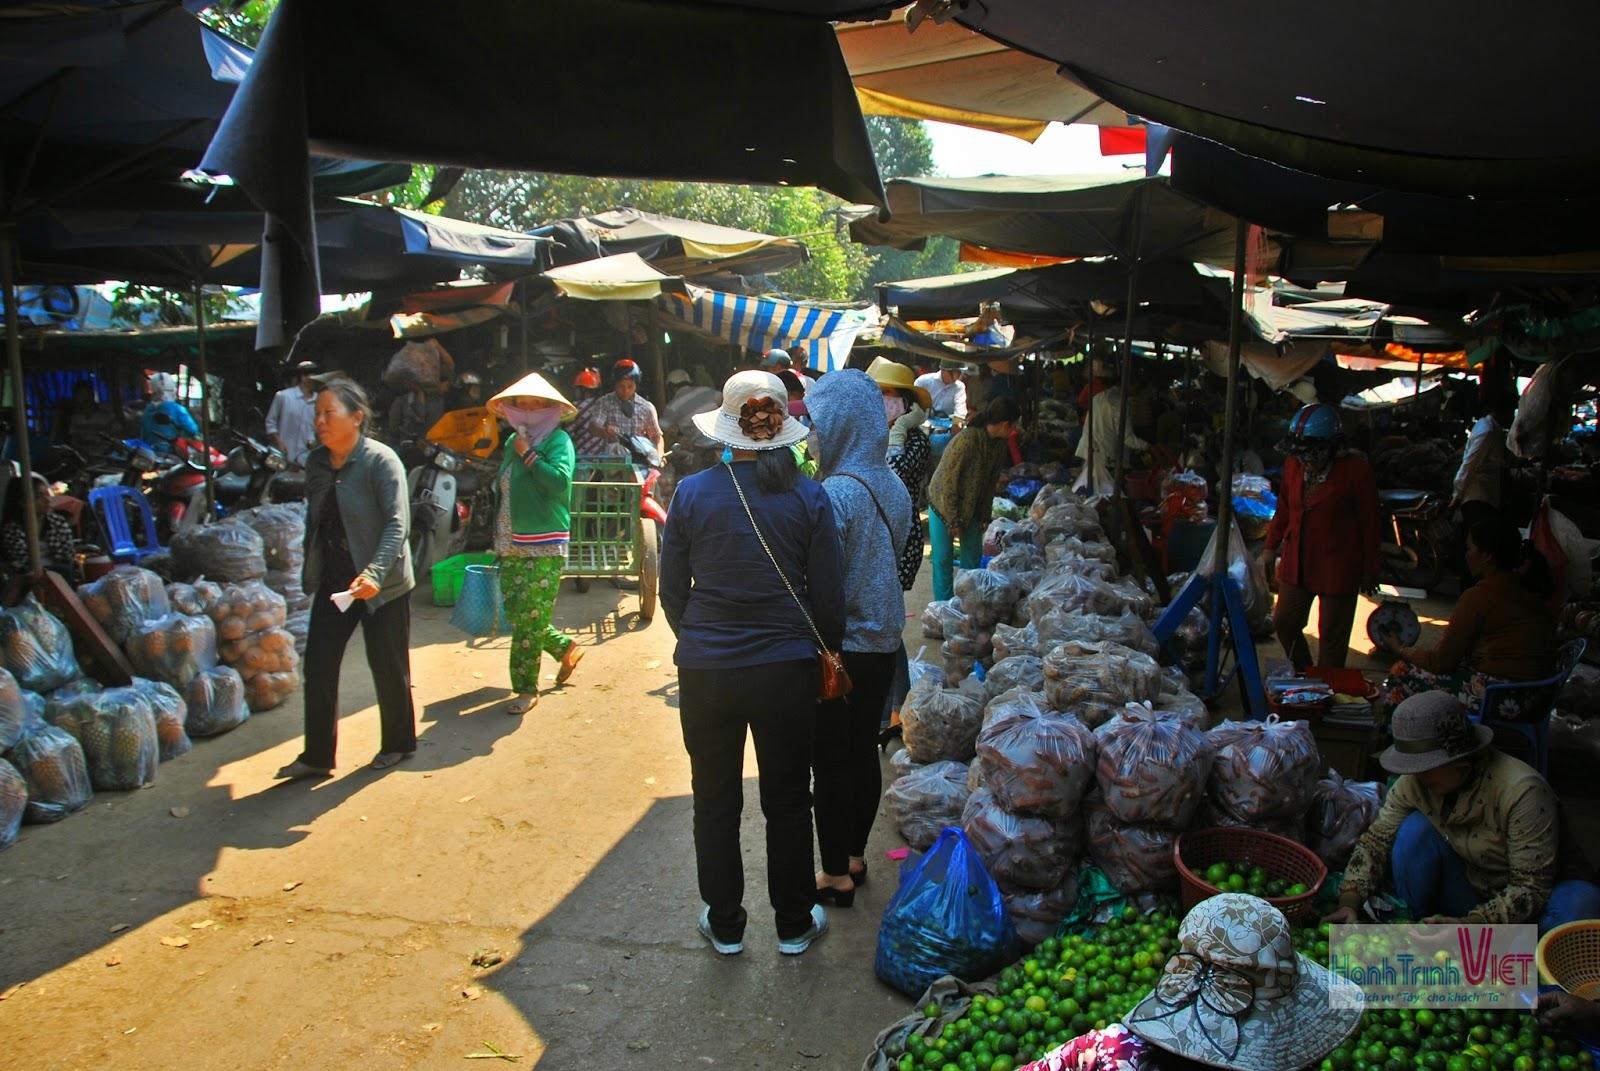 Tham quan chợ Sa Đéc nhộn nhịp dịp cuối năm